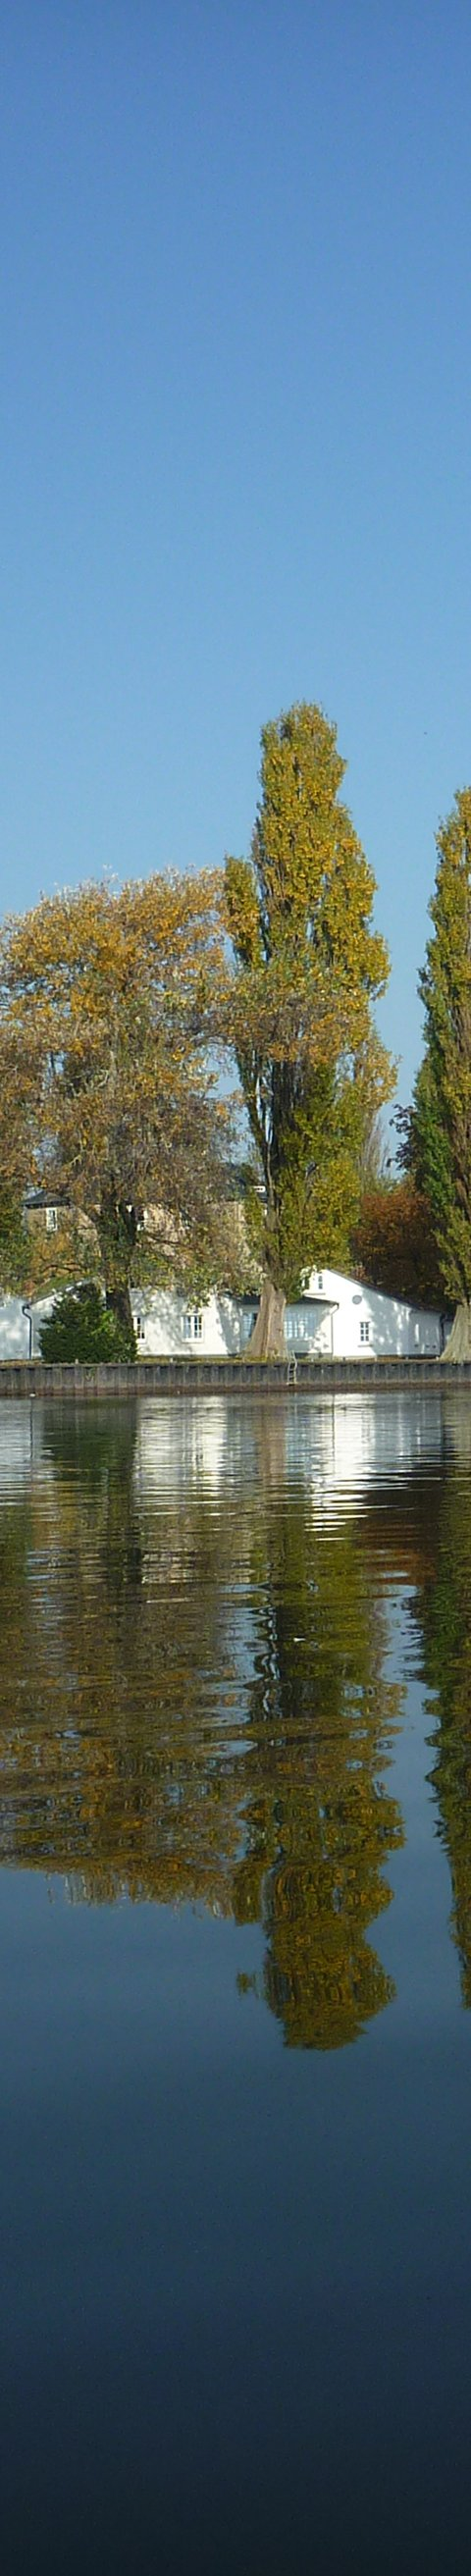 Steinhuder Meer - Foto 2